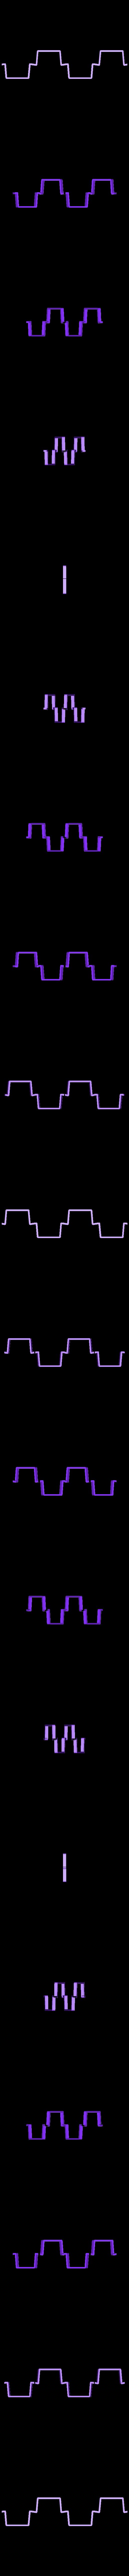 T-34-76 - skirt_addon-holder_x4.stl Télécharger fichier STL T-34/76 pour l'assemblage, avec voies mobiles • Objet pour imprimante 3D, c47